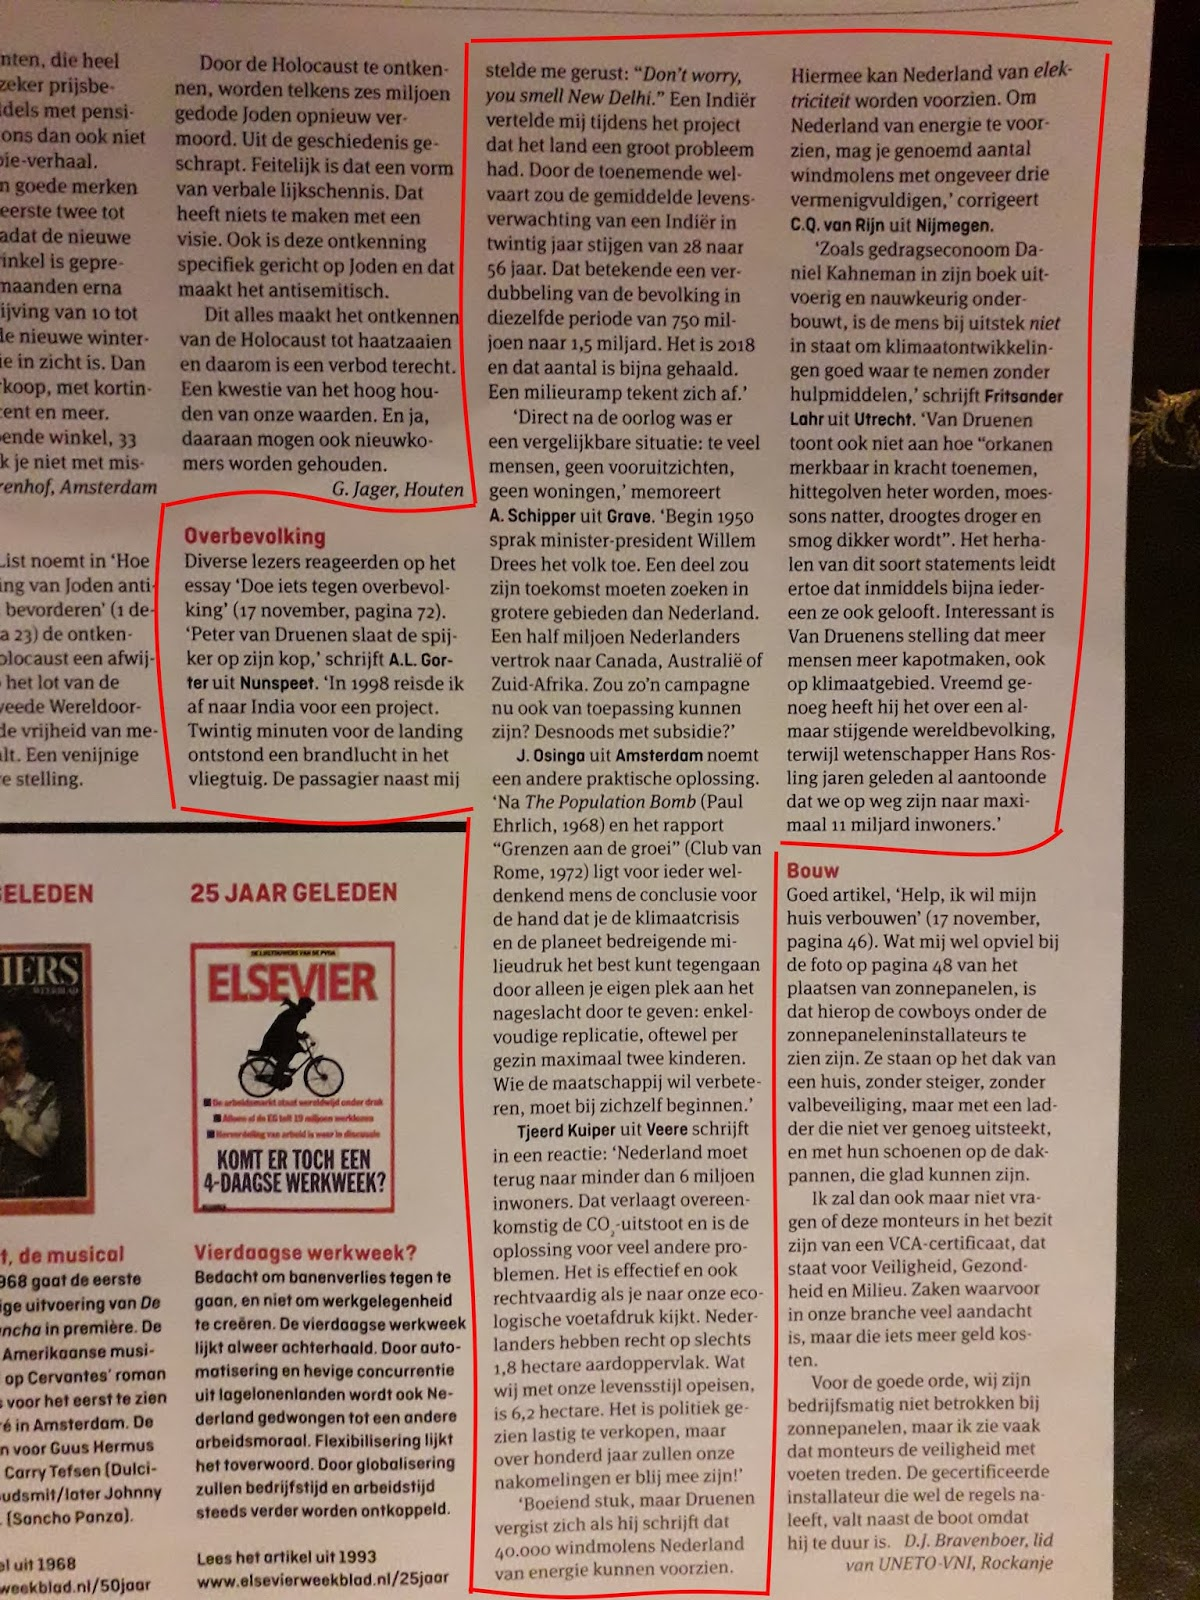 Elsevier weekblad, overbevolking, Peter van Druenen, De Klimaatparadox